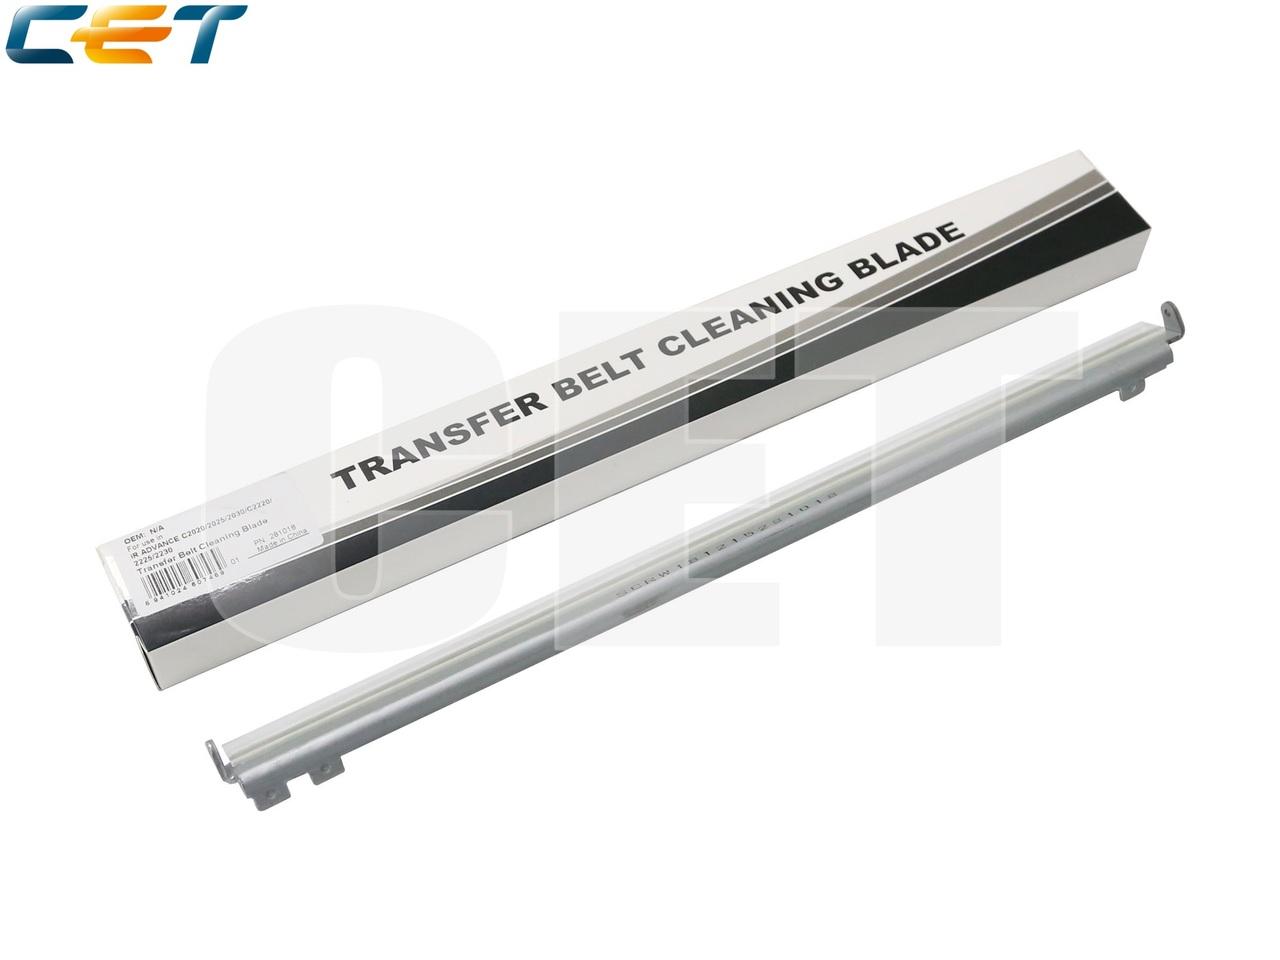 Лезвие очистки ленты переноса для CANON iR ADVANCEC2020/2220/2225/2230 (CET), CET281018